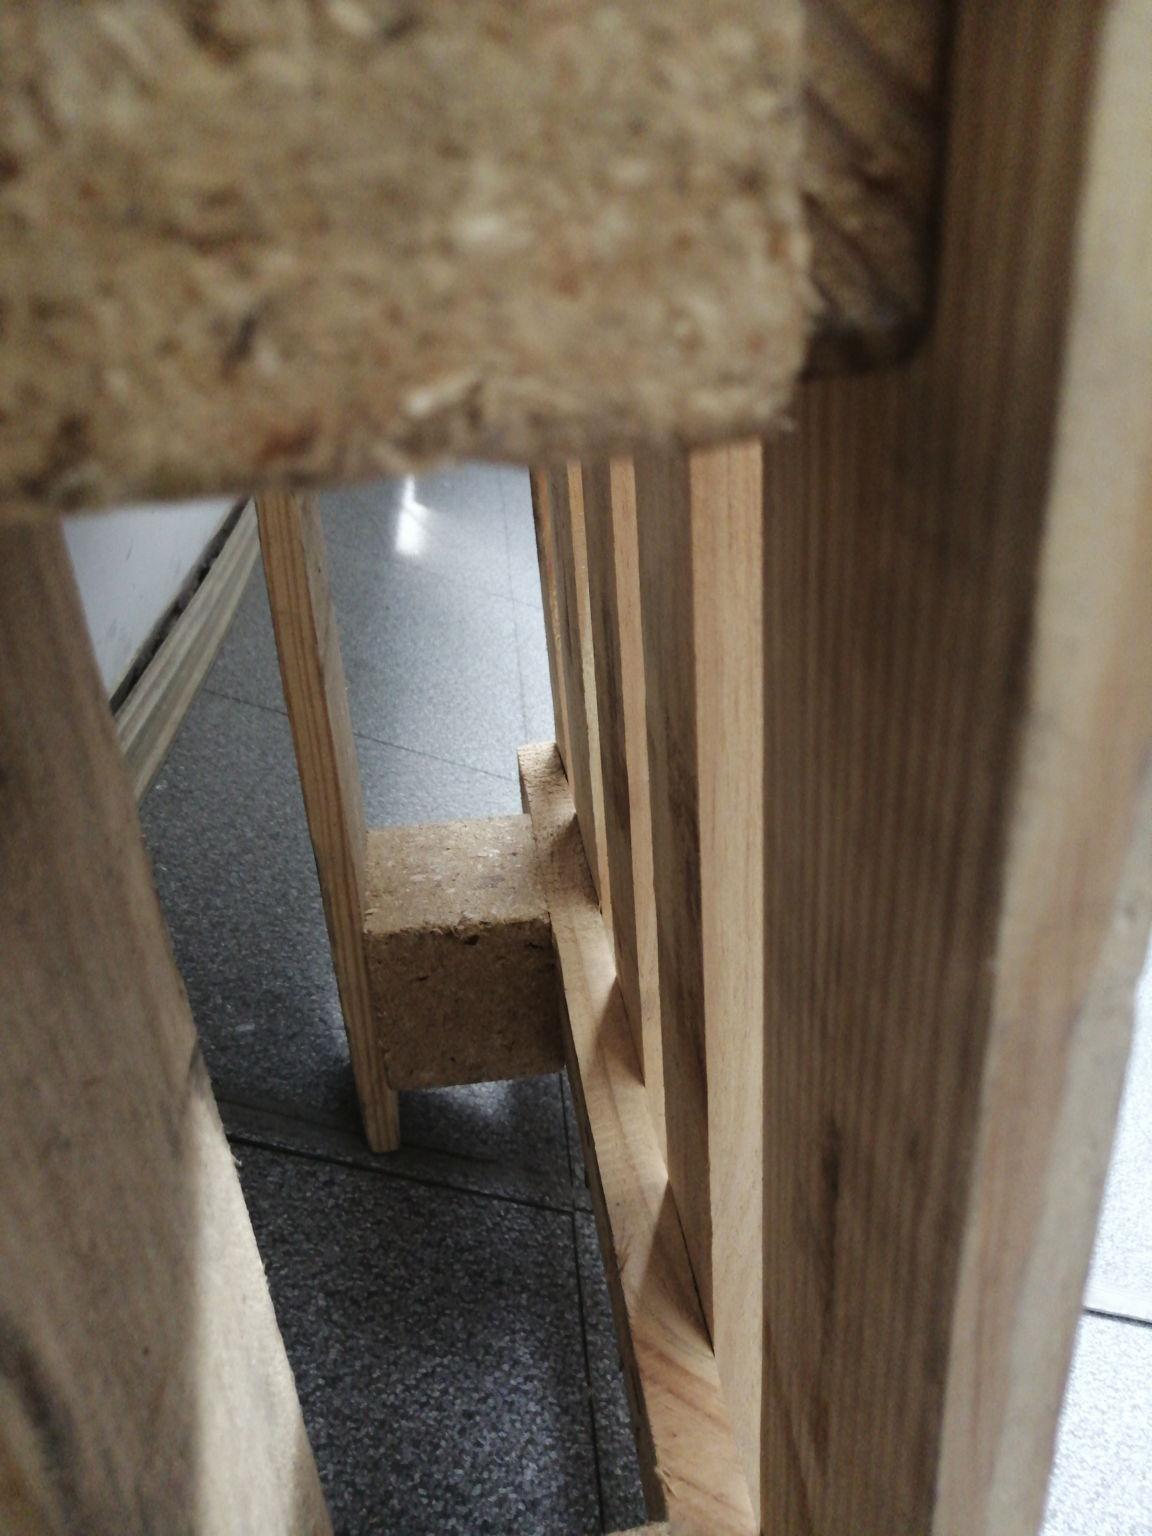 徐州竹材胶合板多少钱一�,÷ ﹨◑�林林就给大家介绍一下竹材胶